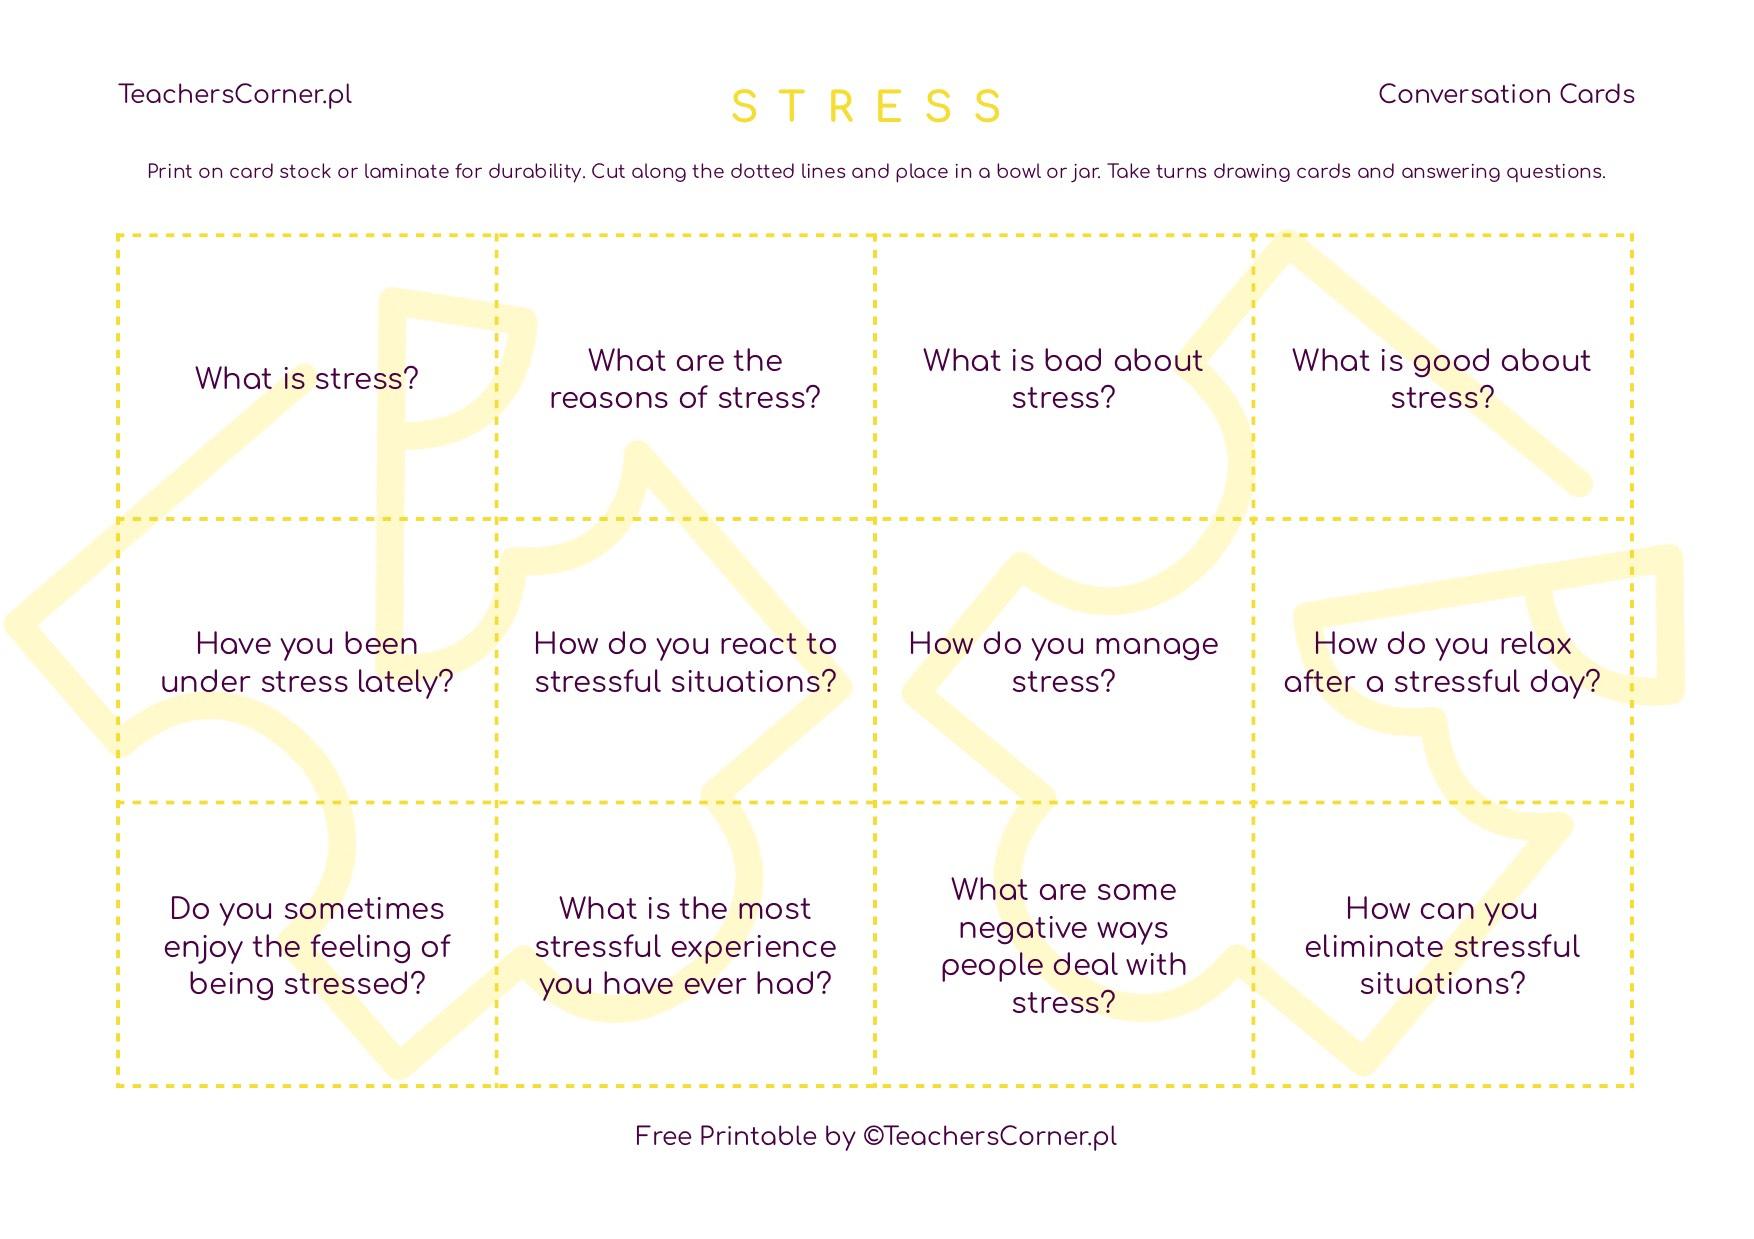 karty konwersacyjne Stress